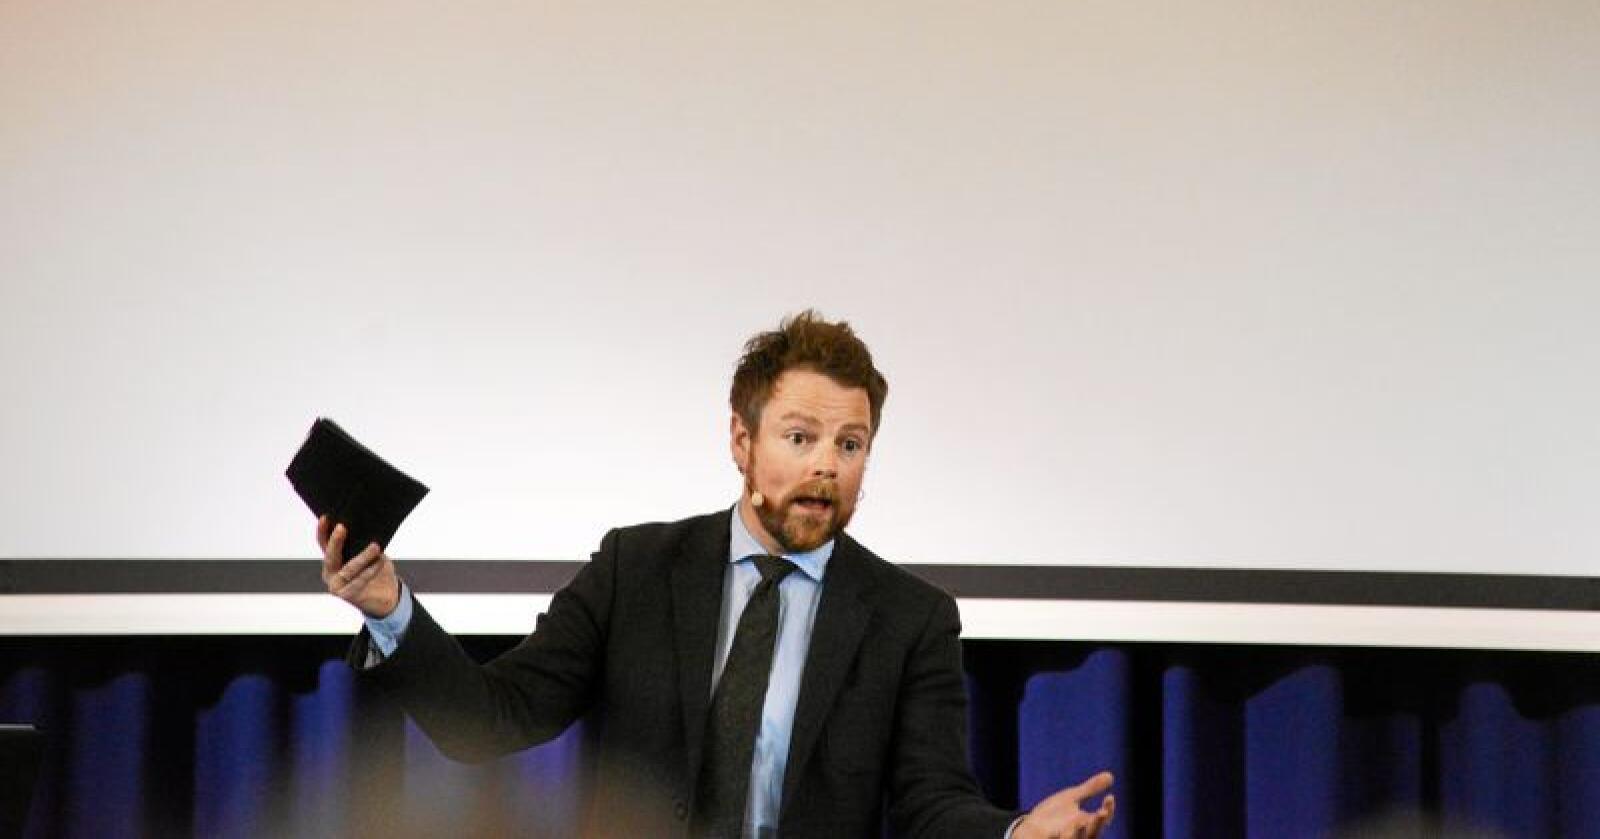 Næringsminister Torbjørn Røe Isaksen (H) skal vurdere tiltak for å øke konkurransen i dagligmarkedet. Foto: Siri Juell Rasmussen